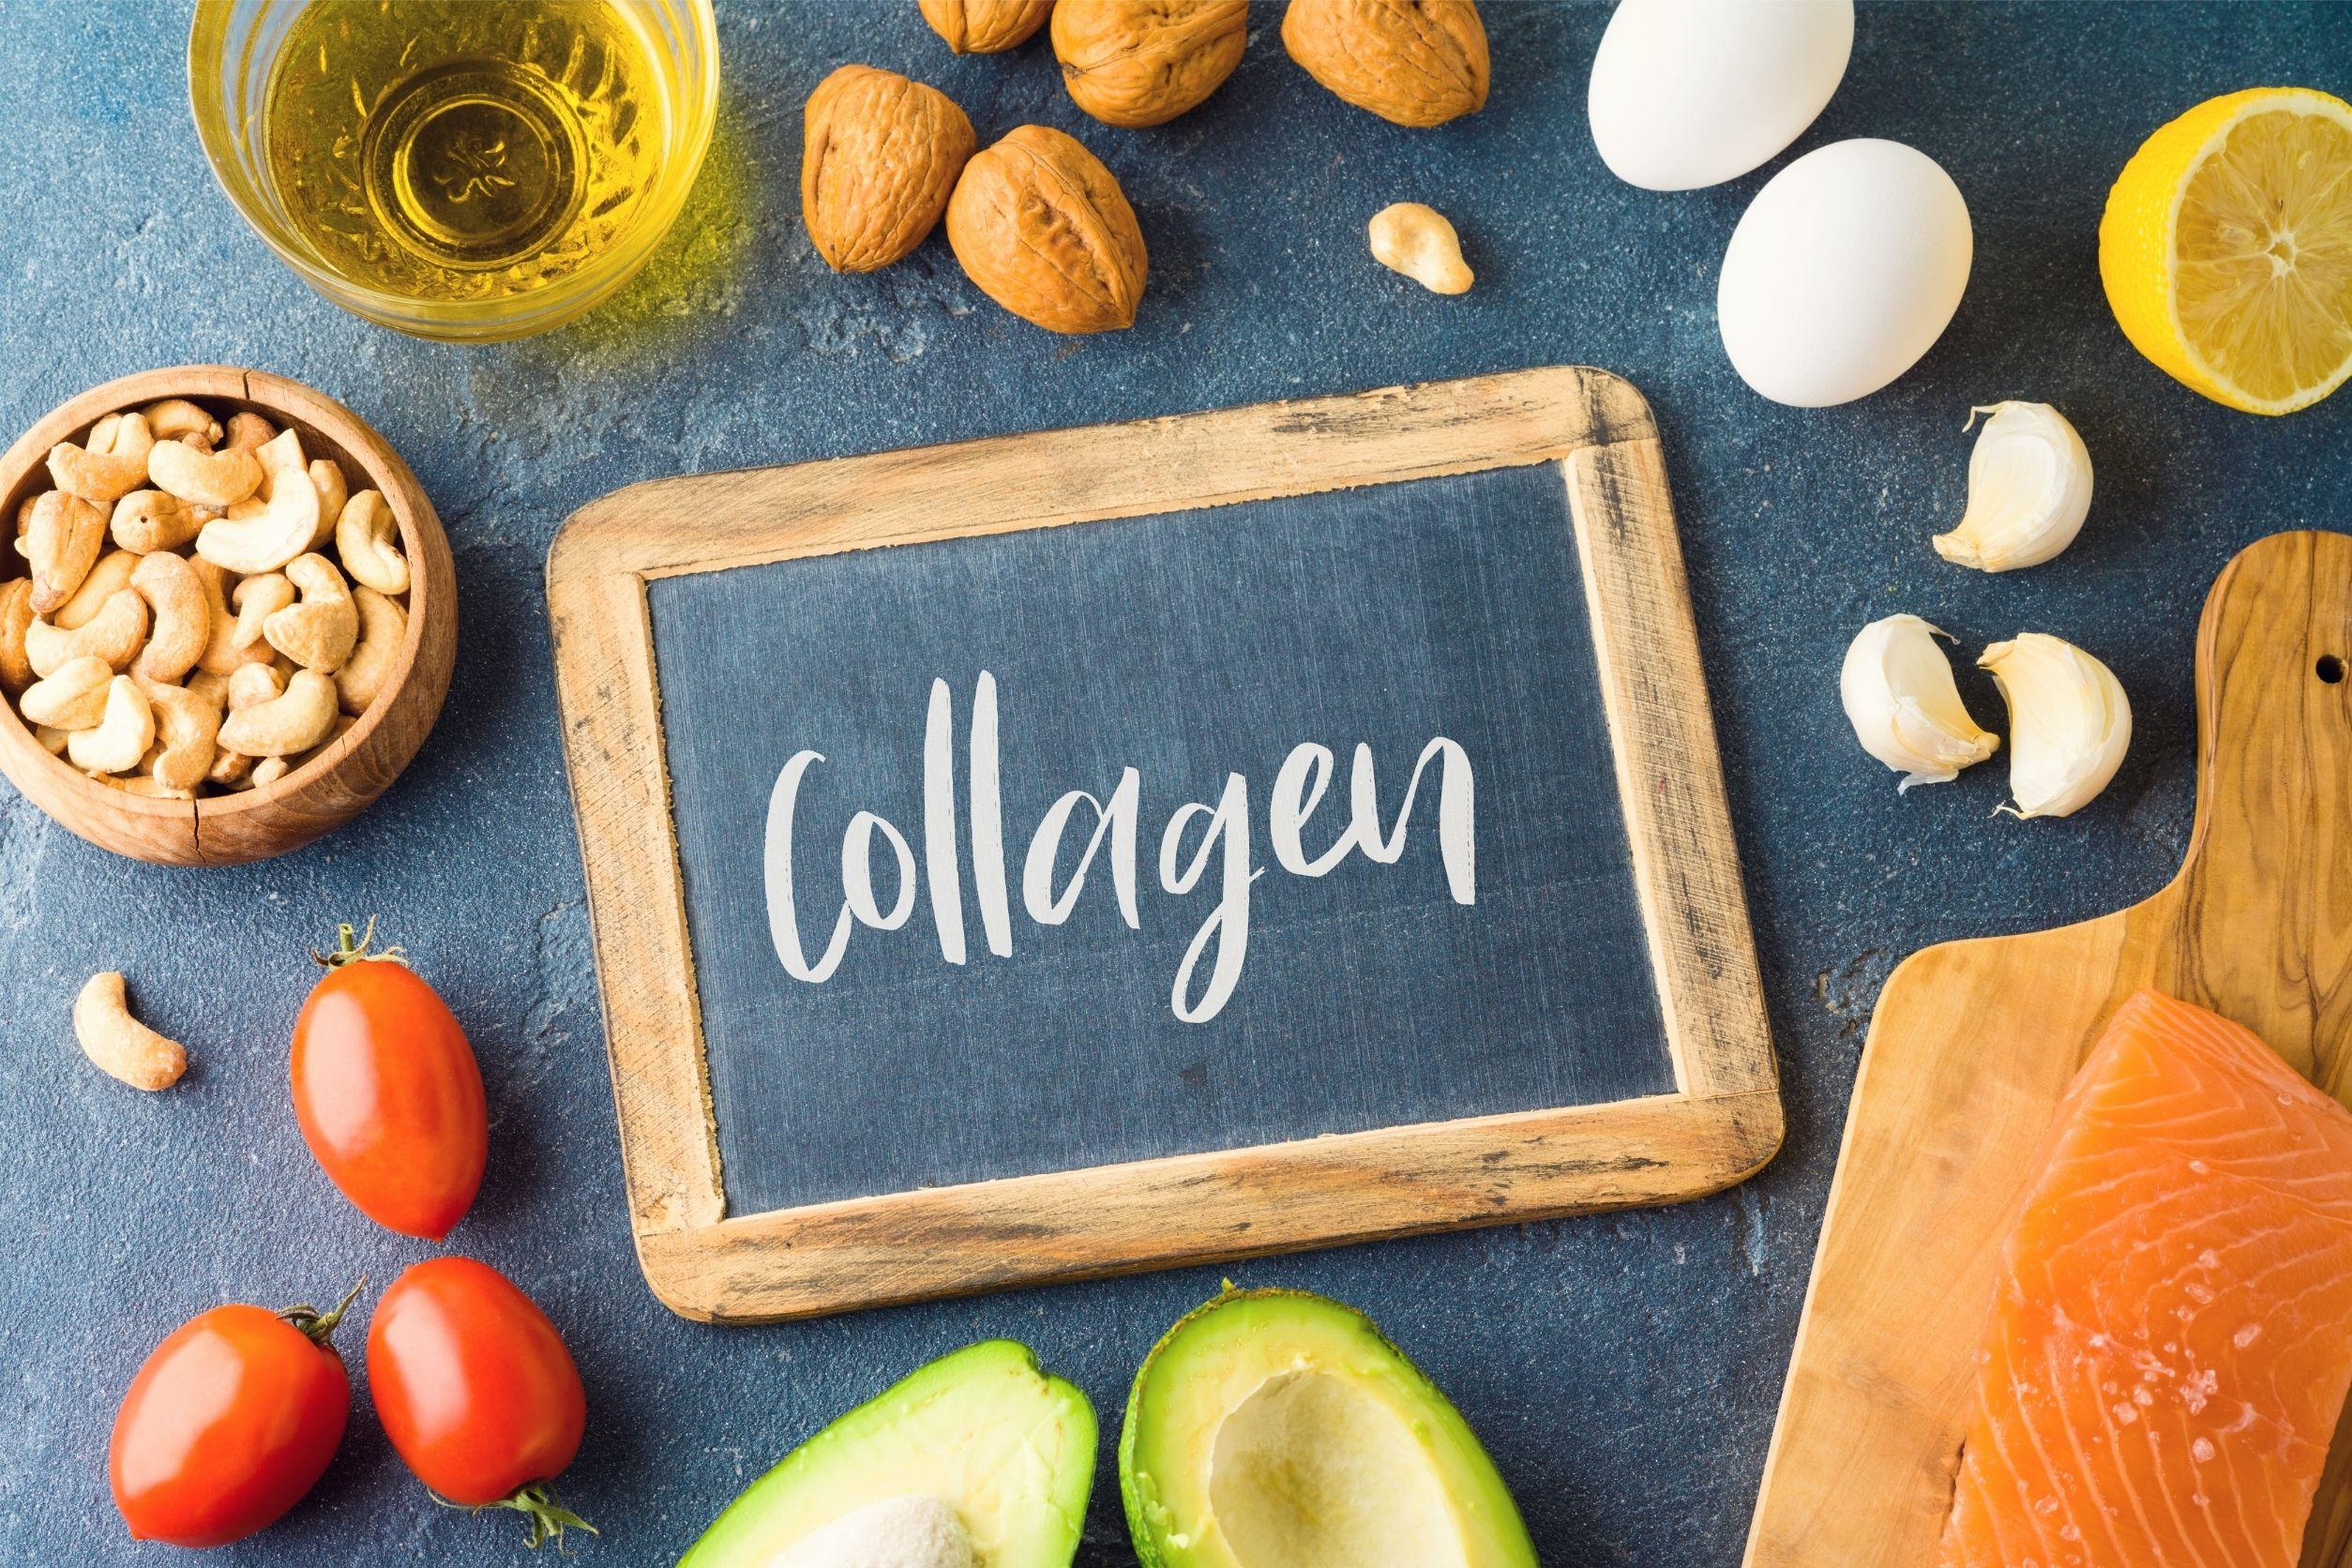 collagen diet concept image